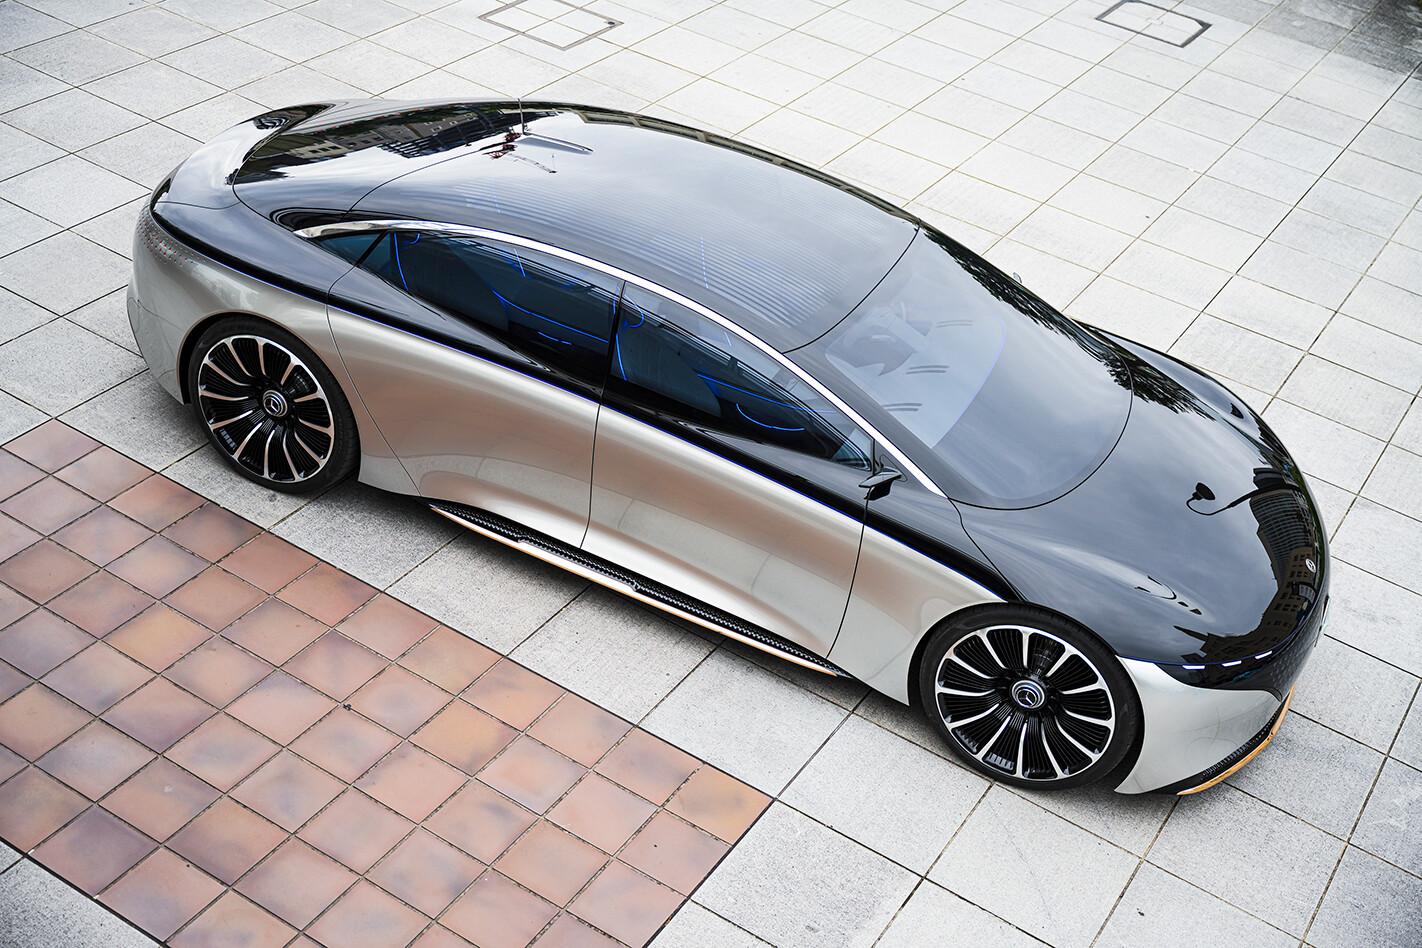 2020 Mercedes-Benz EQS concept exterior